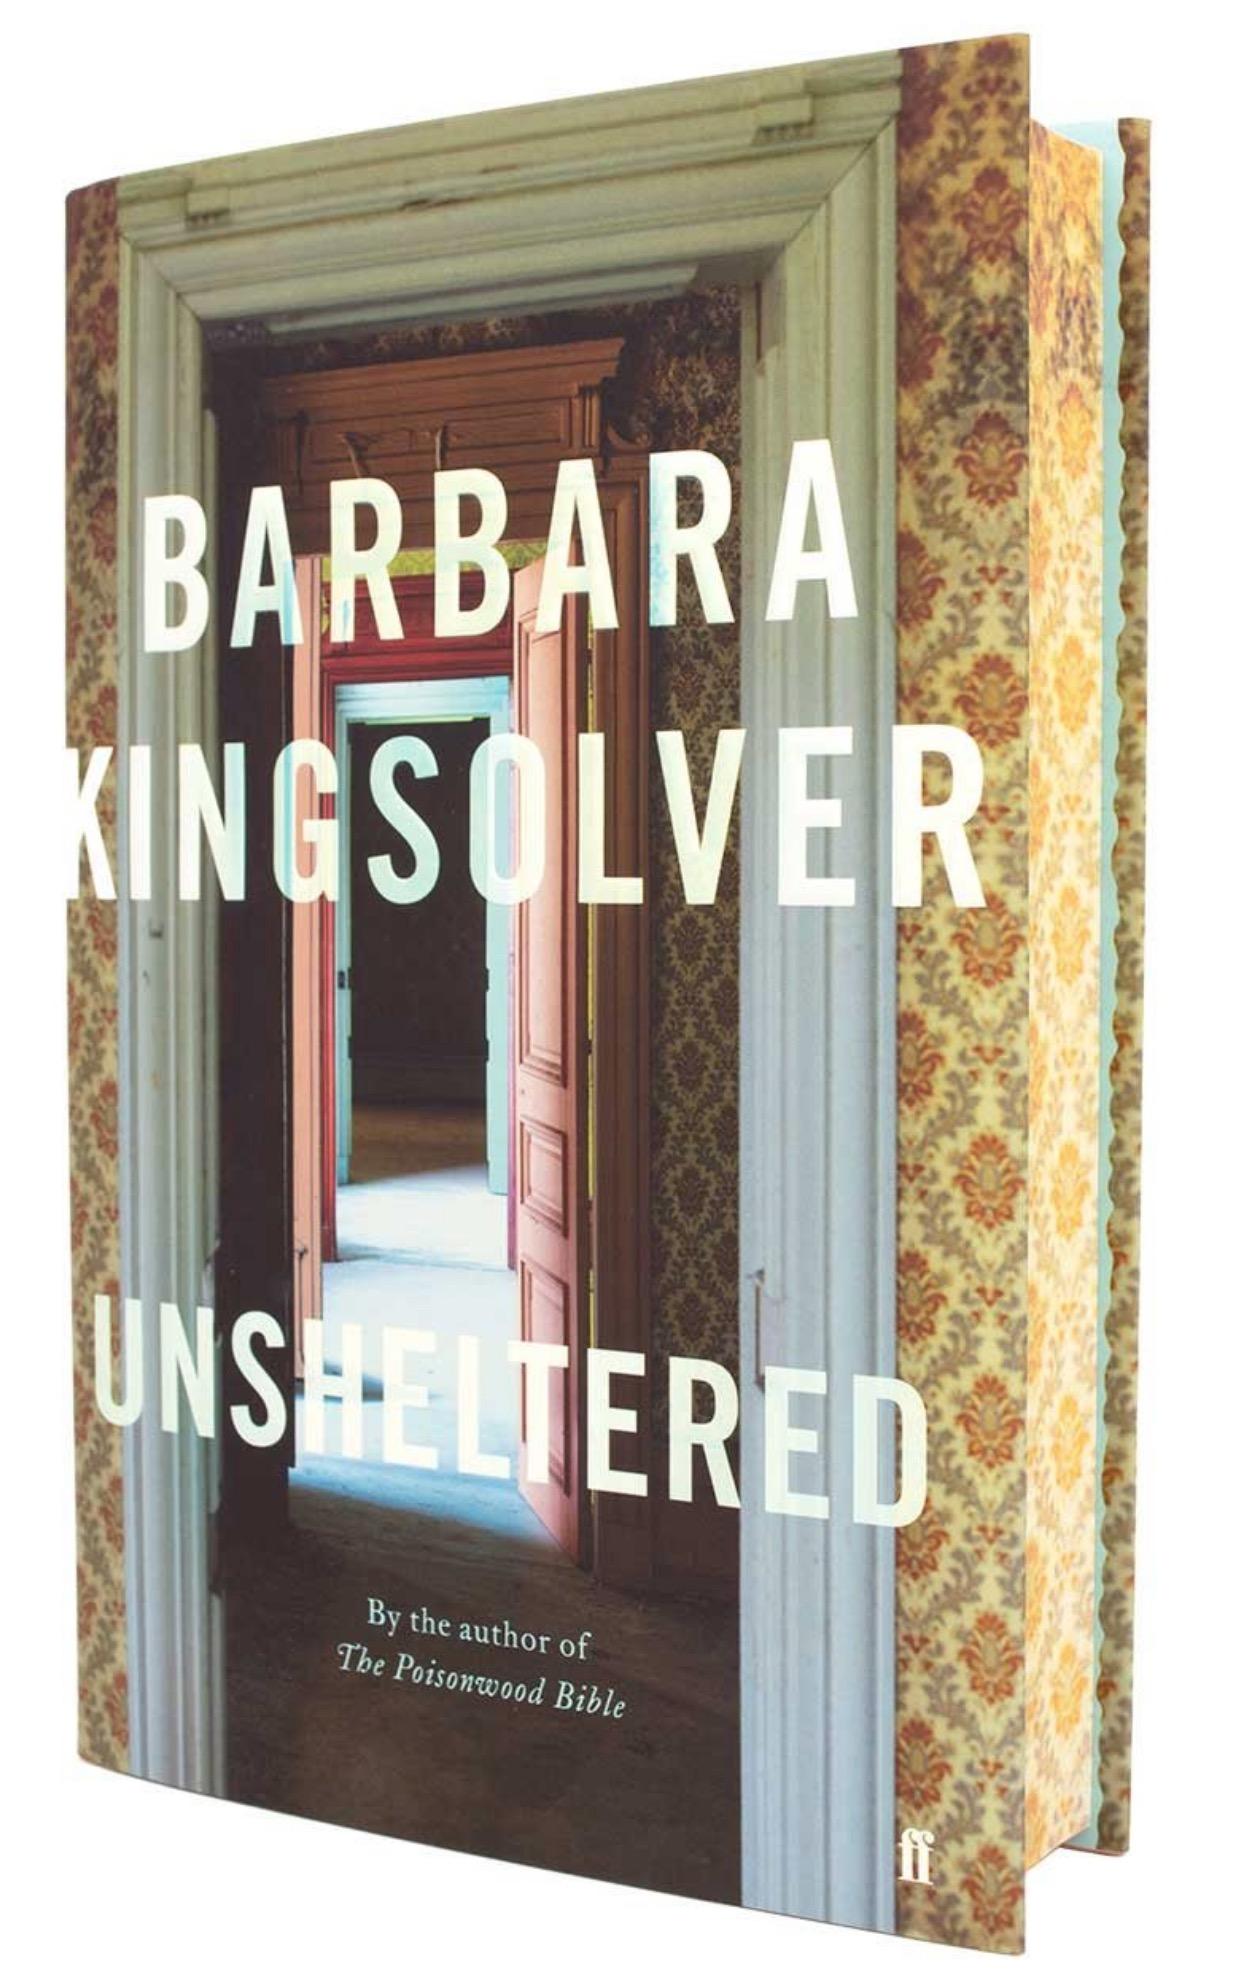 kingsolver unsheltered